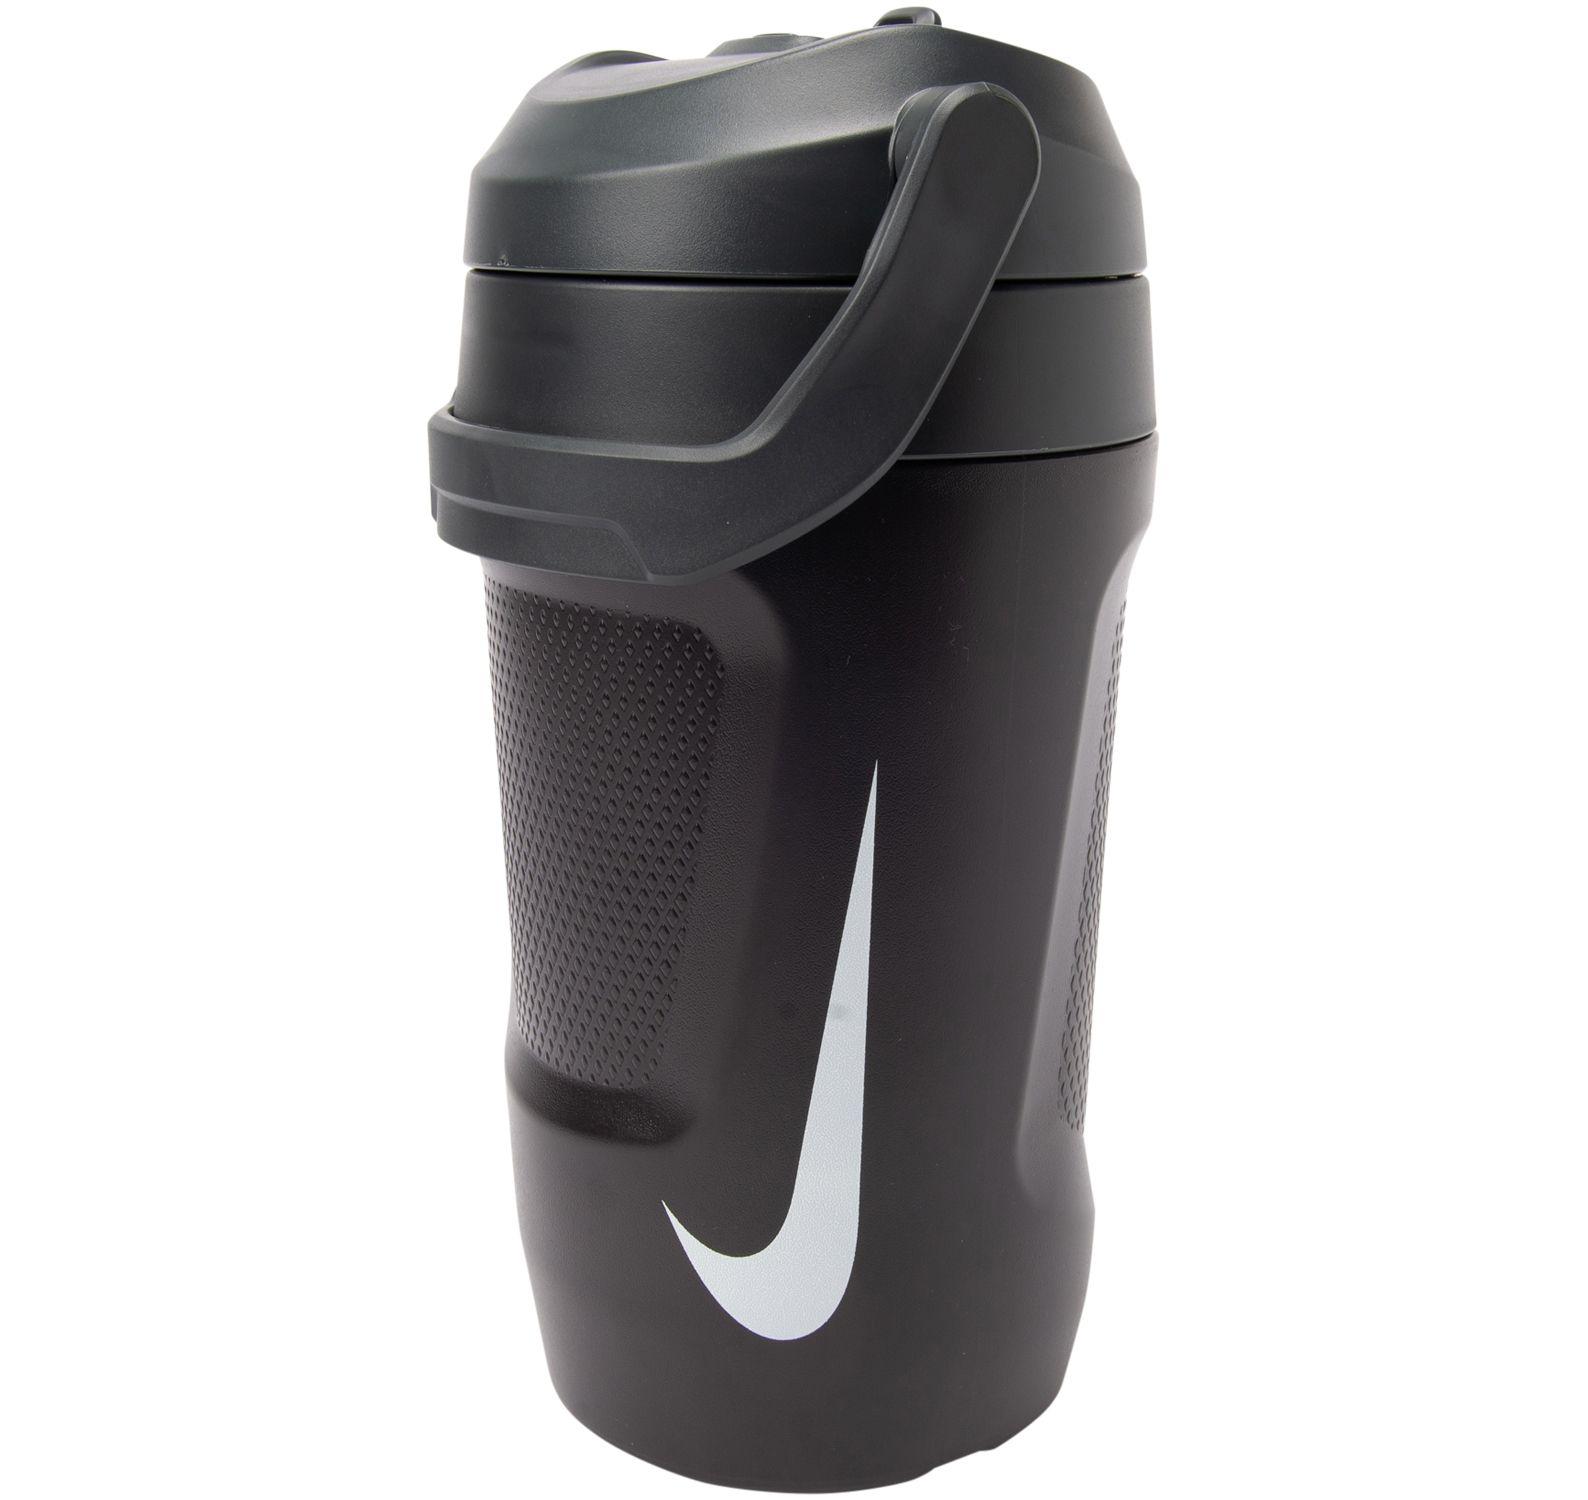 Nike Fuel Jug 64 Oz, Black/Anthracite/White, Onesize, Nike